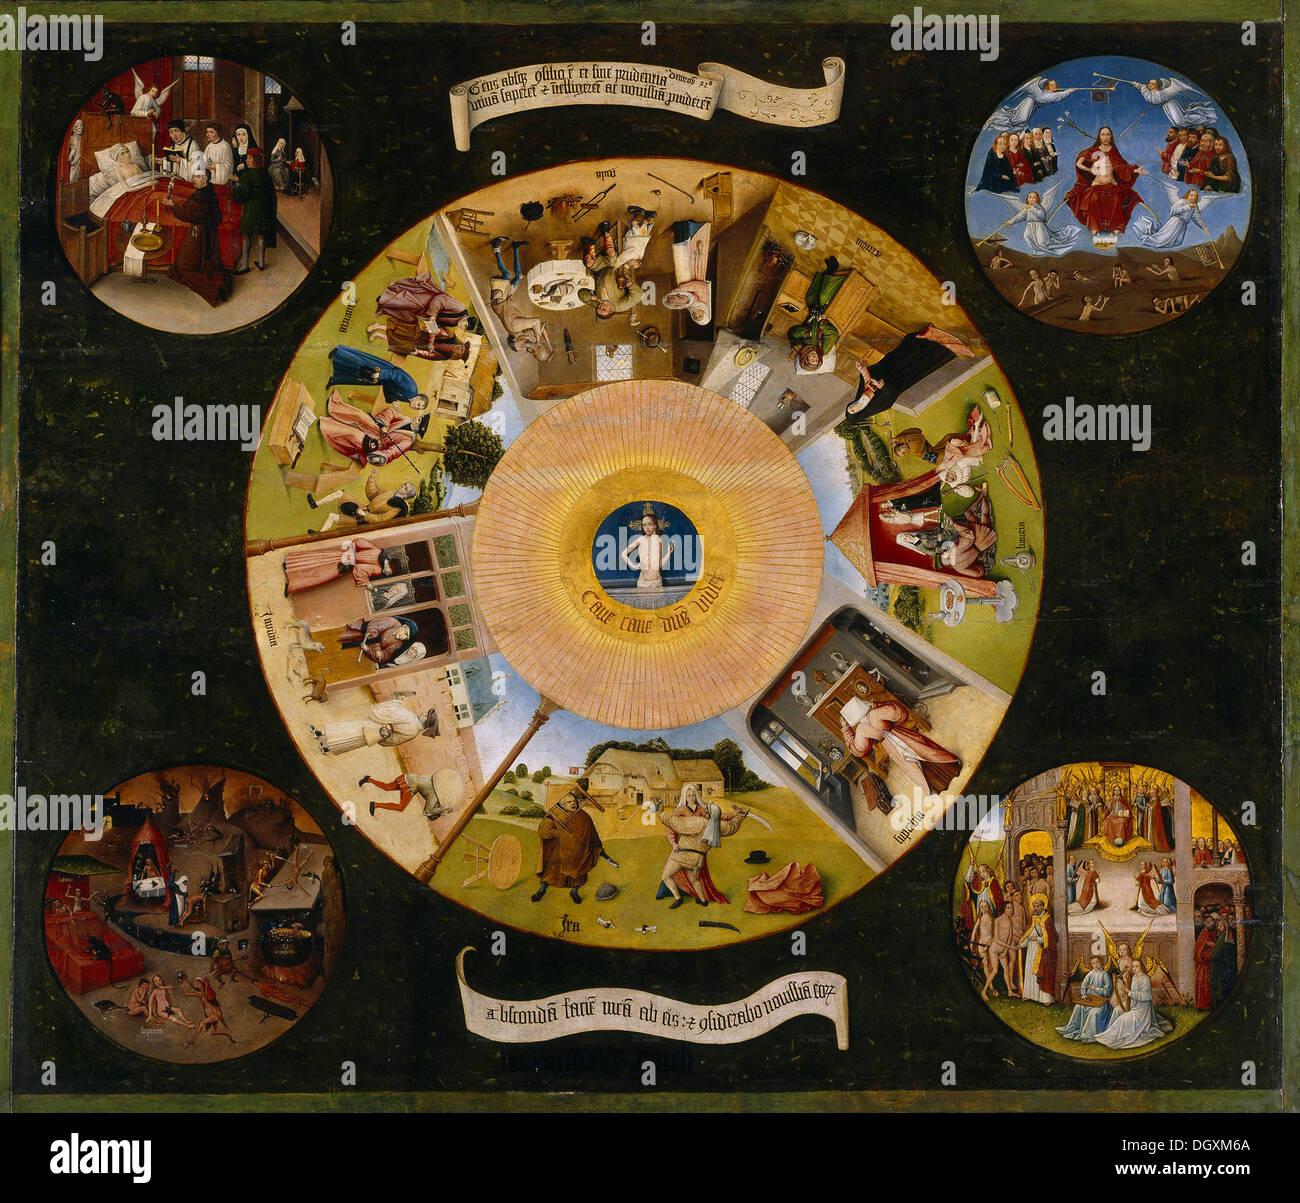 I sette peccati capitali e le quattro cose ultime - da Hieronymus Bosch, 1500 - solo uso editoriale. Immagini Stock